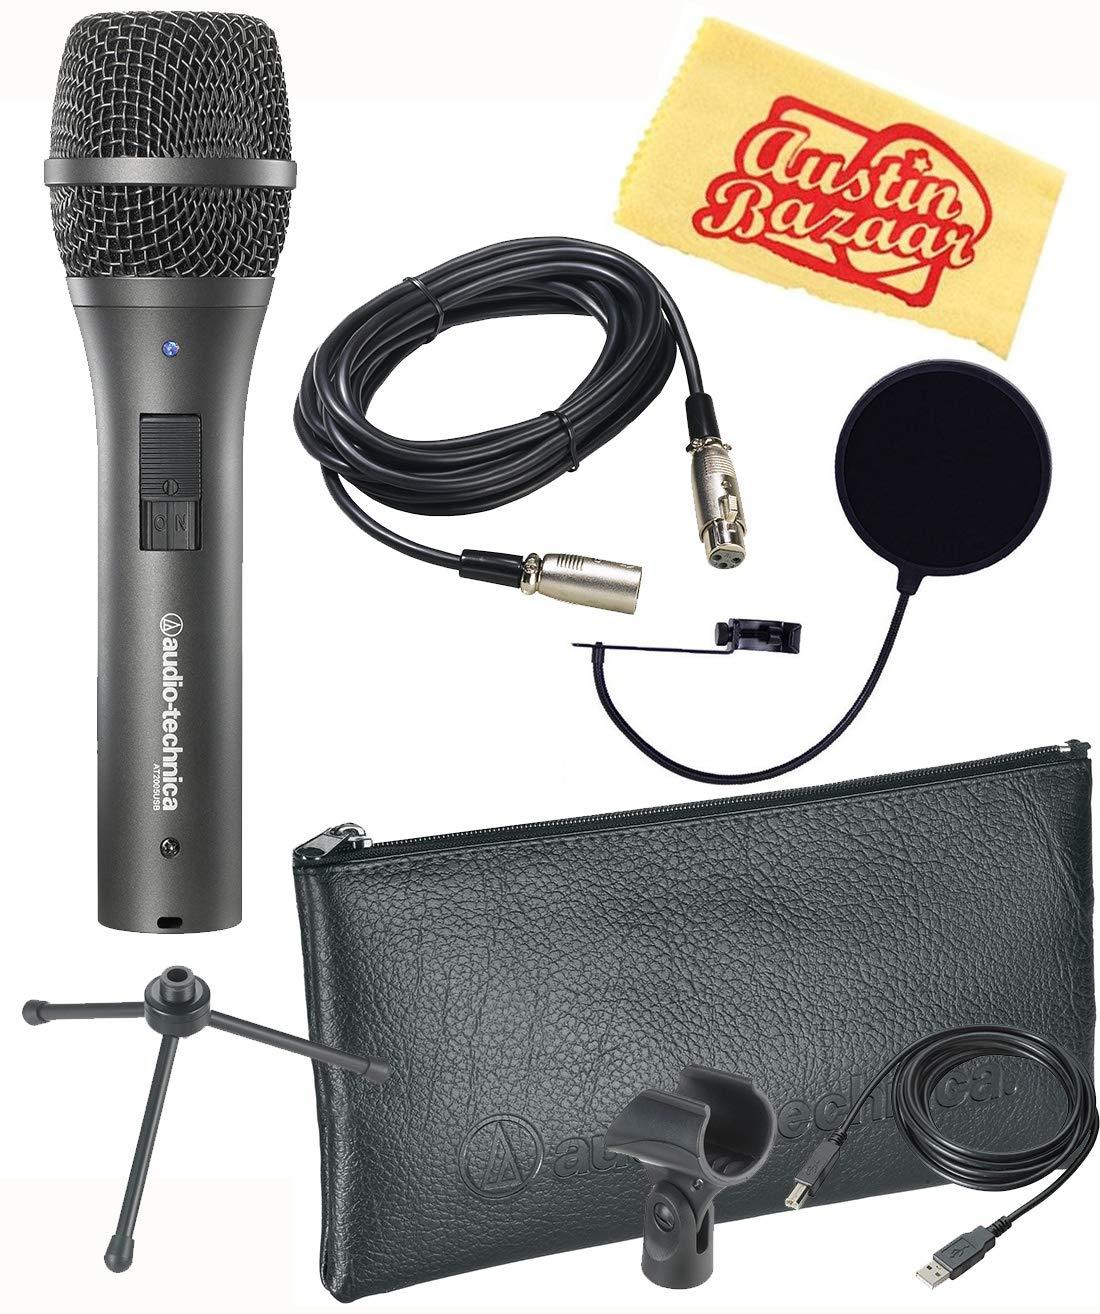 Audio-Technica AT2005USB Paquete de micrófono dinámico USB / XLR cardioide con filtro pop, cable XLR y paño de pulido Au